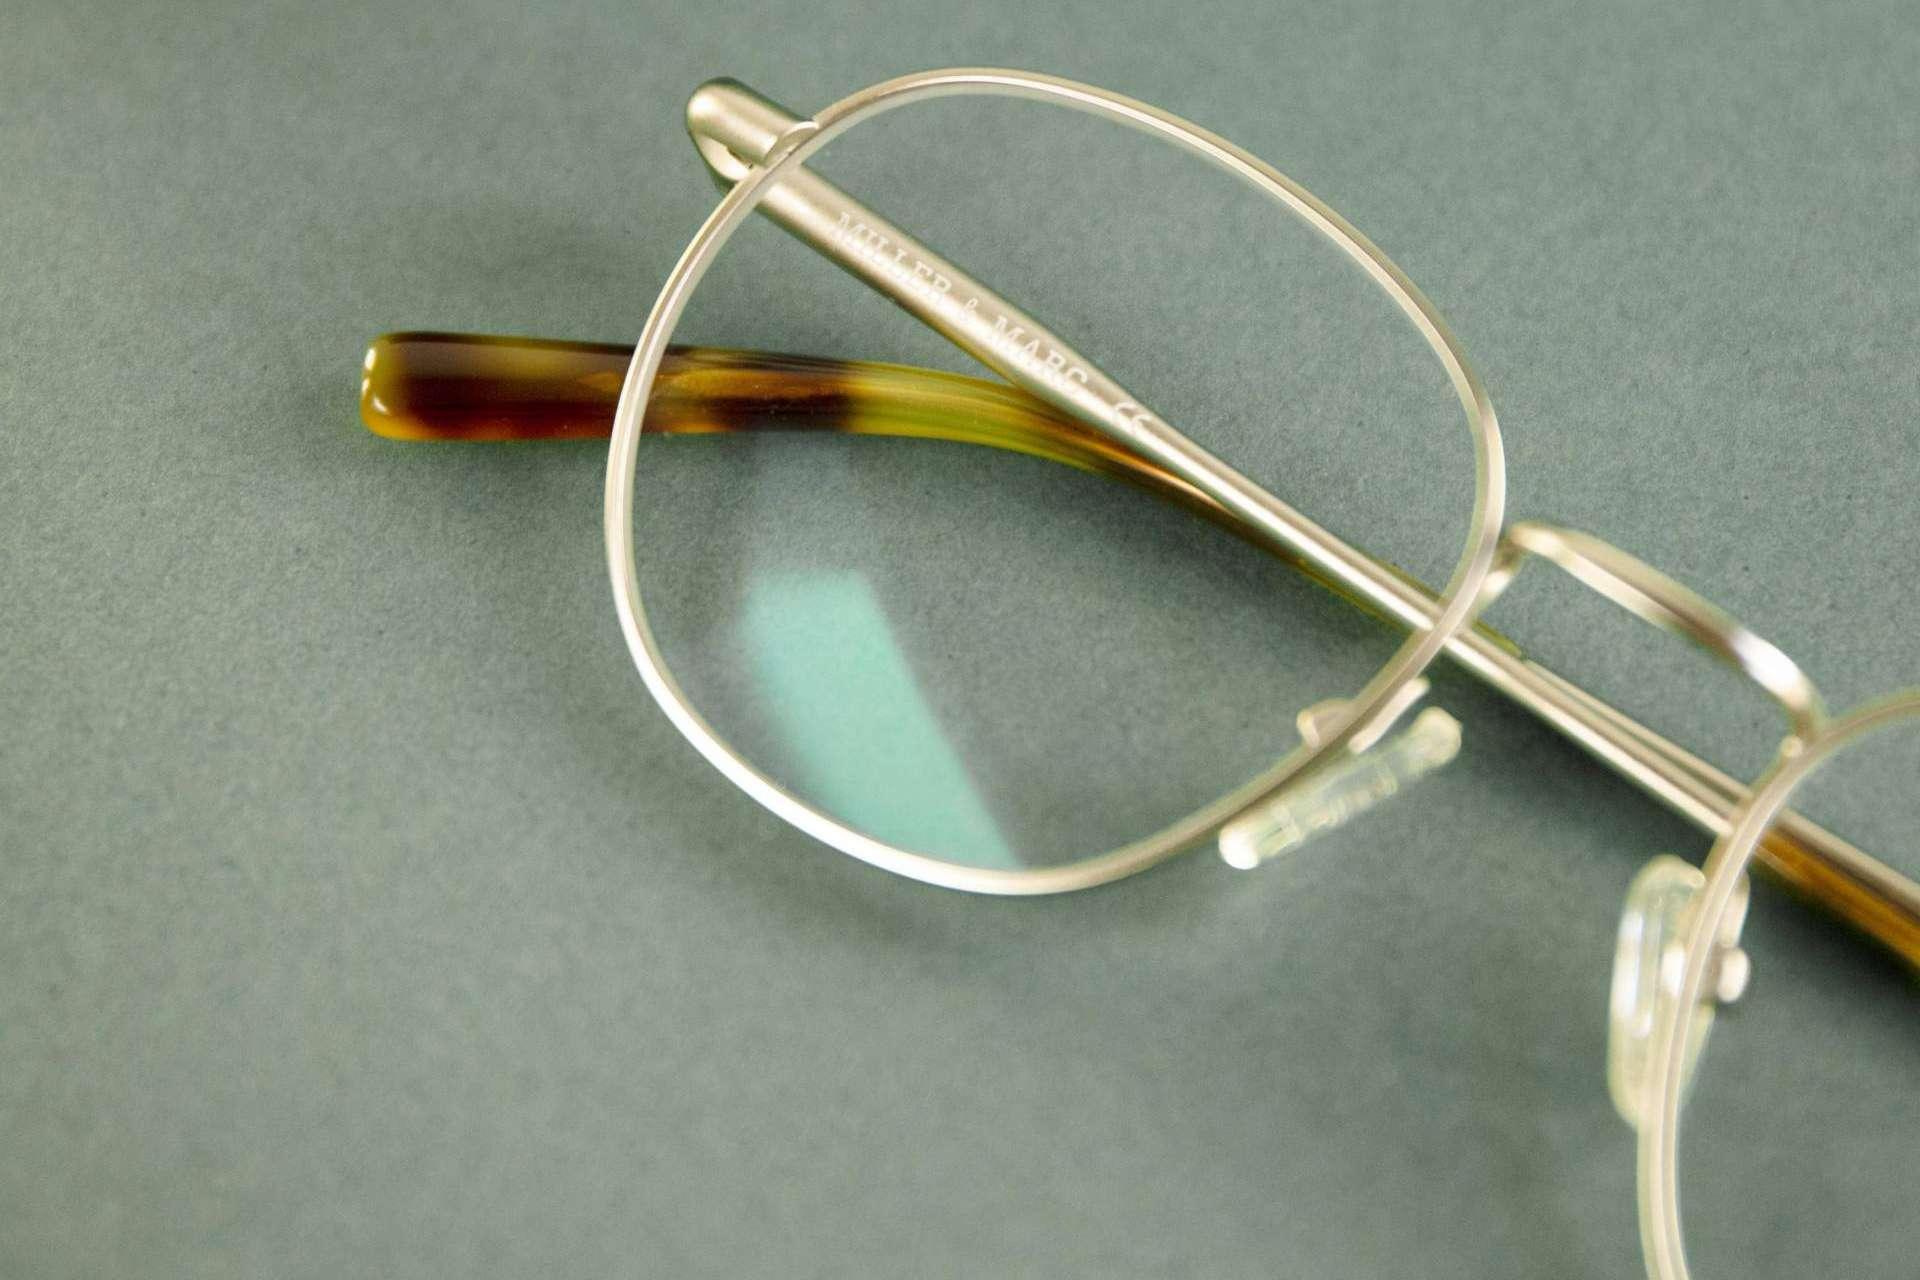 Miller & Marc protege la vista ante la luz de las pantallas con sus gafas con filtro azul